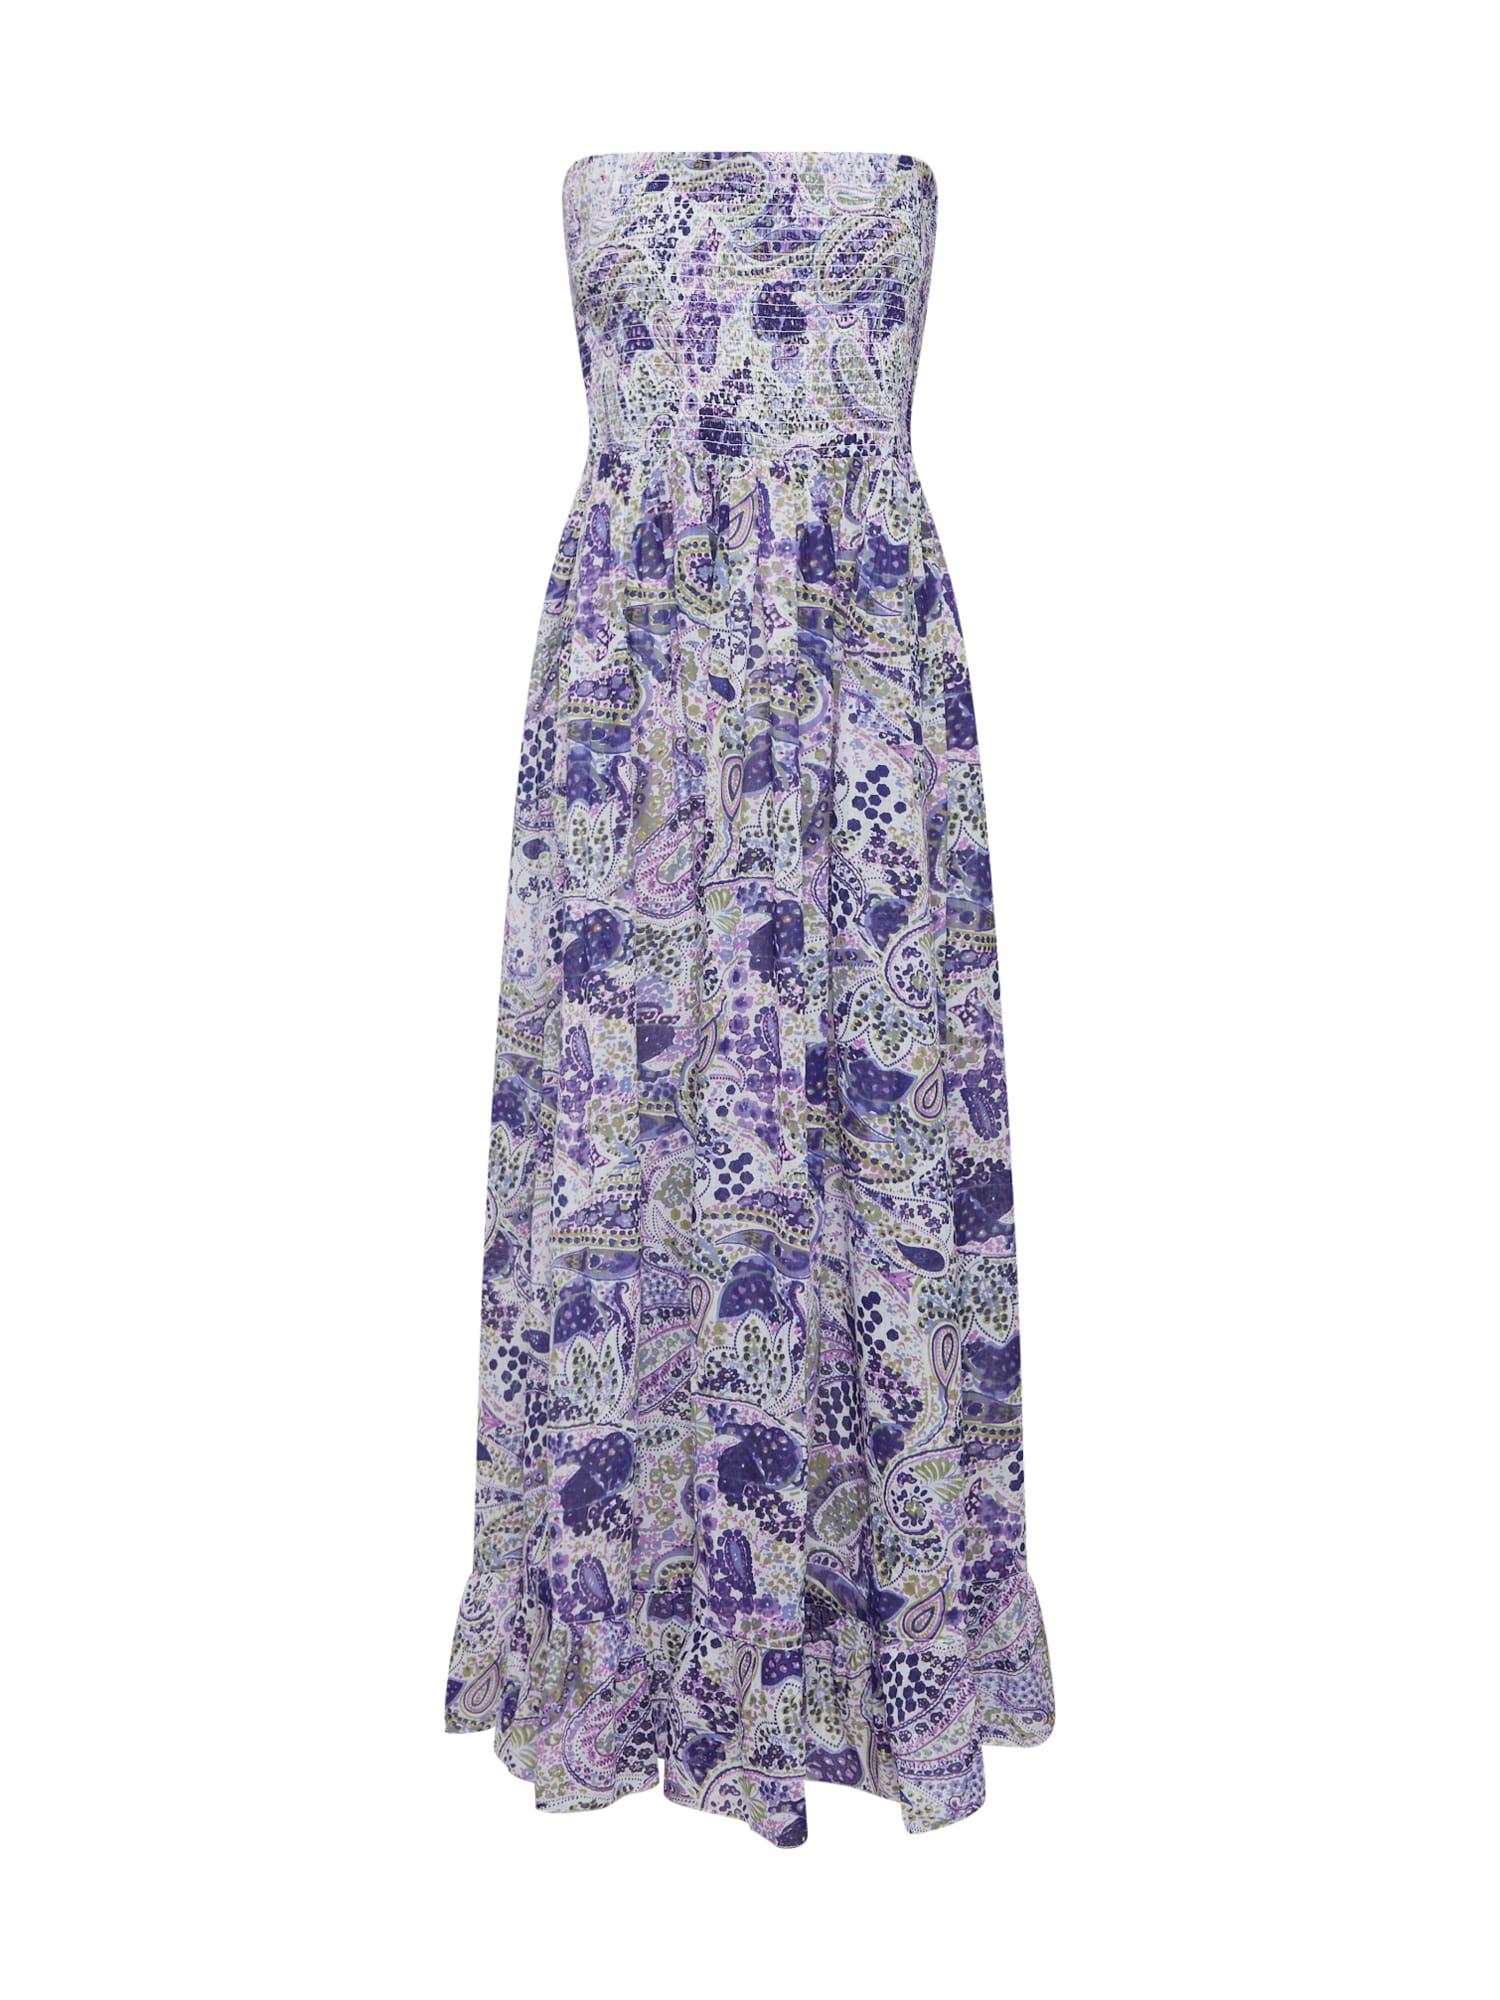 Šaty lilek šeříková Zwillingsherz